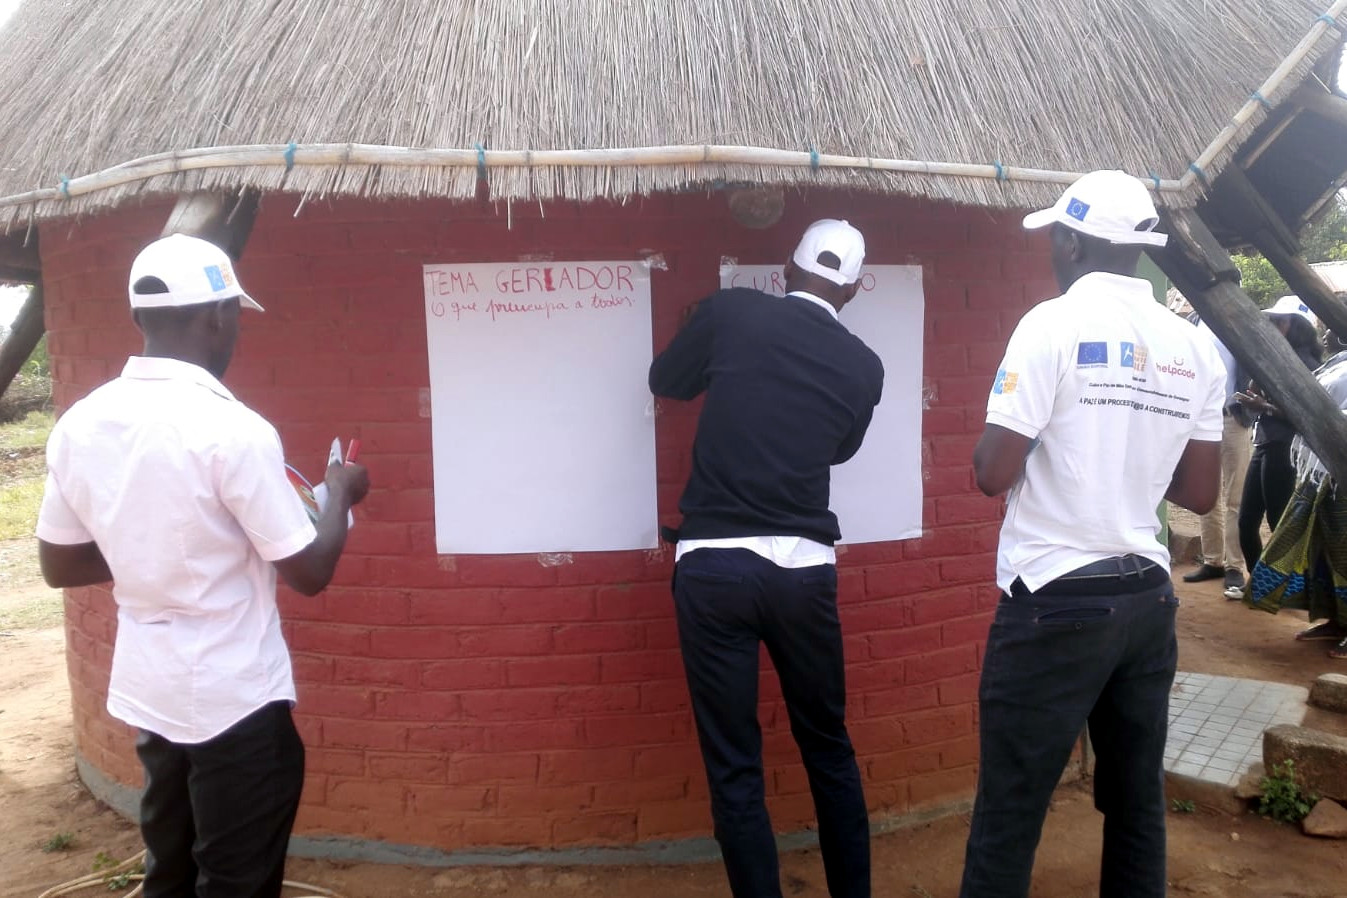 Delle persone scrivono su dei fogli attaccate a un muro